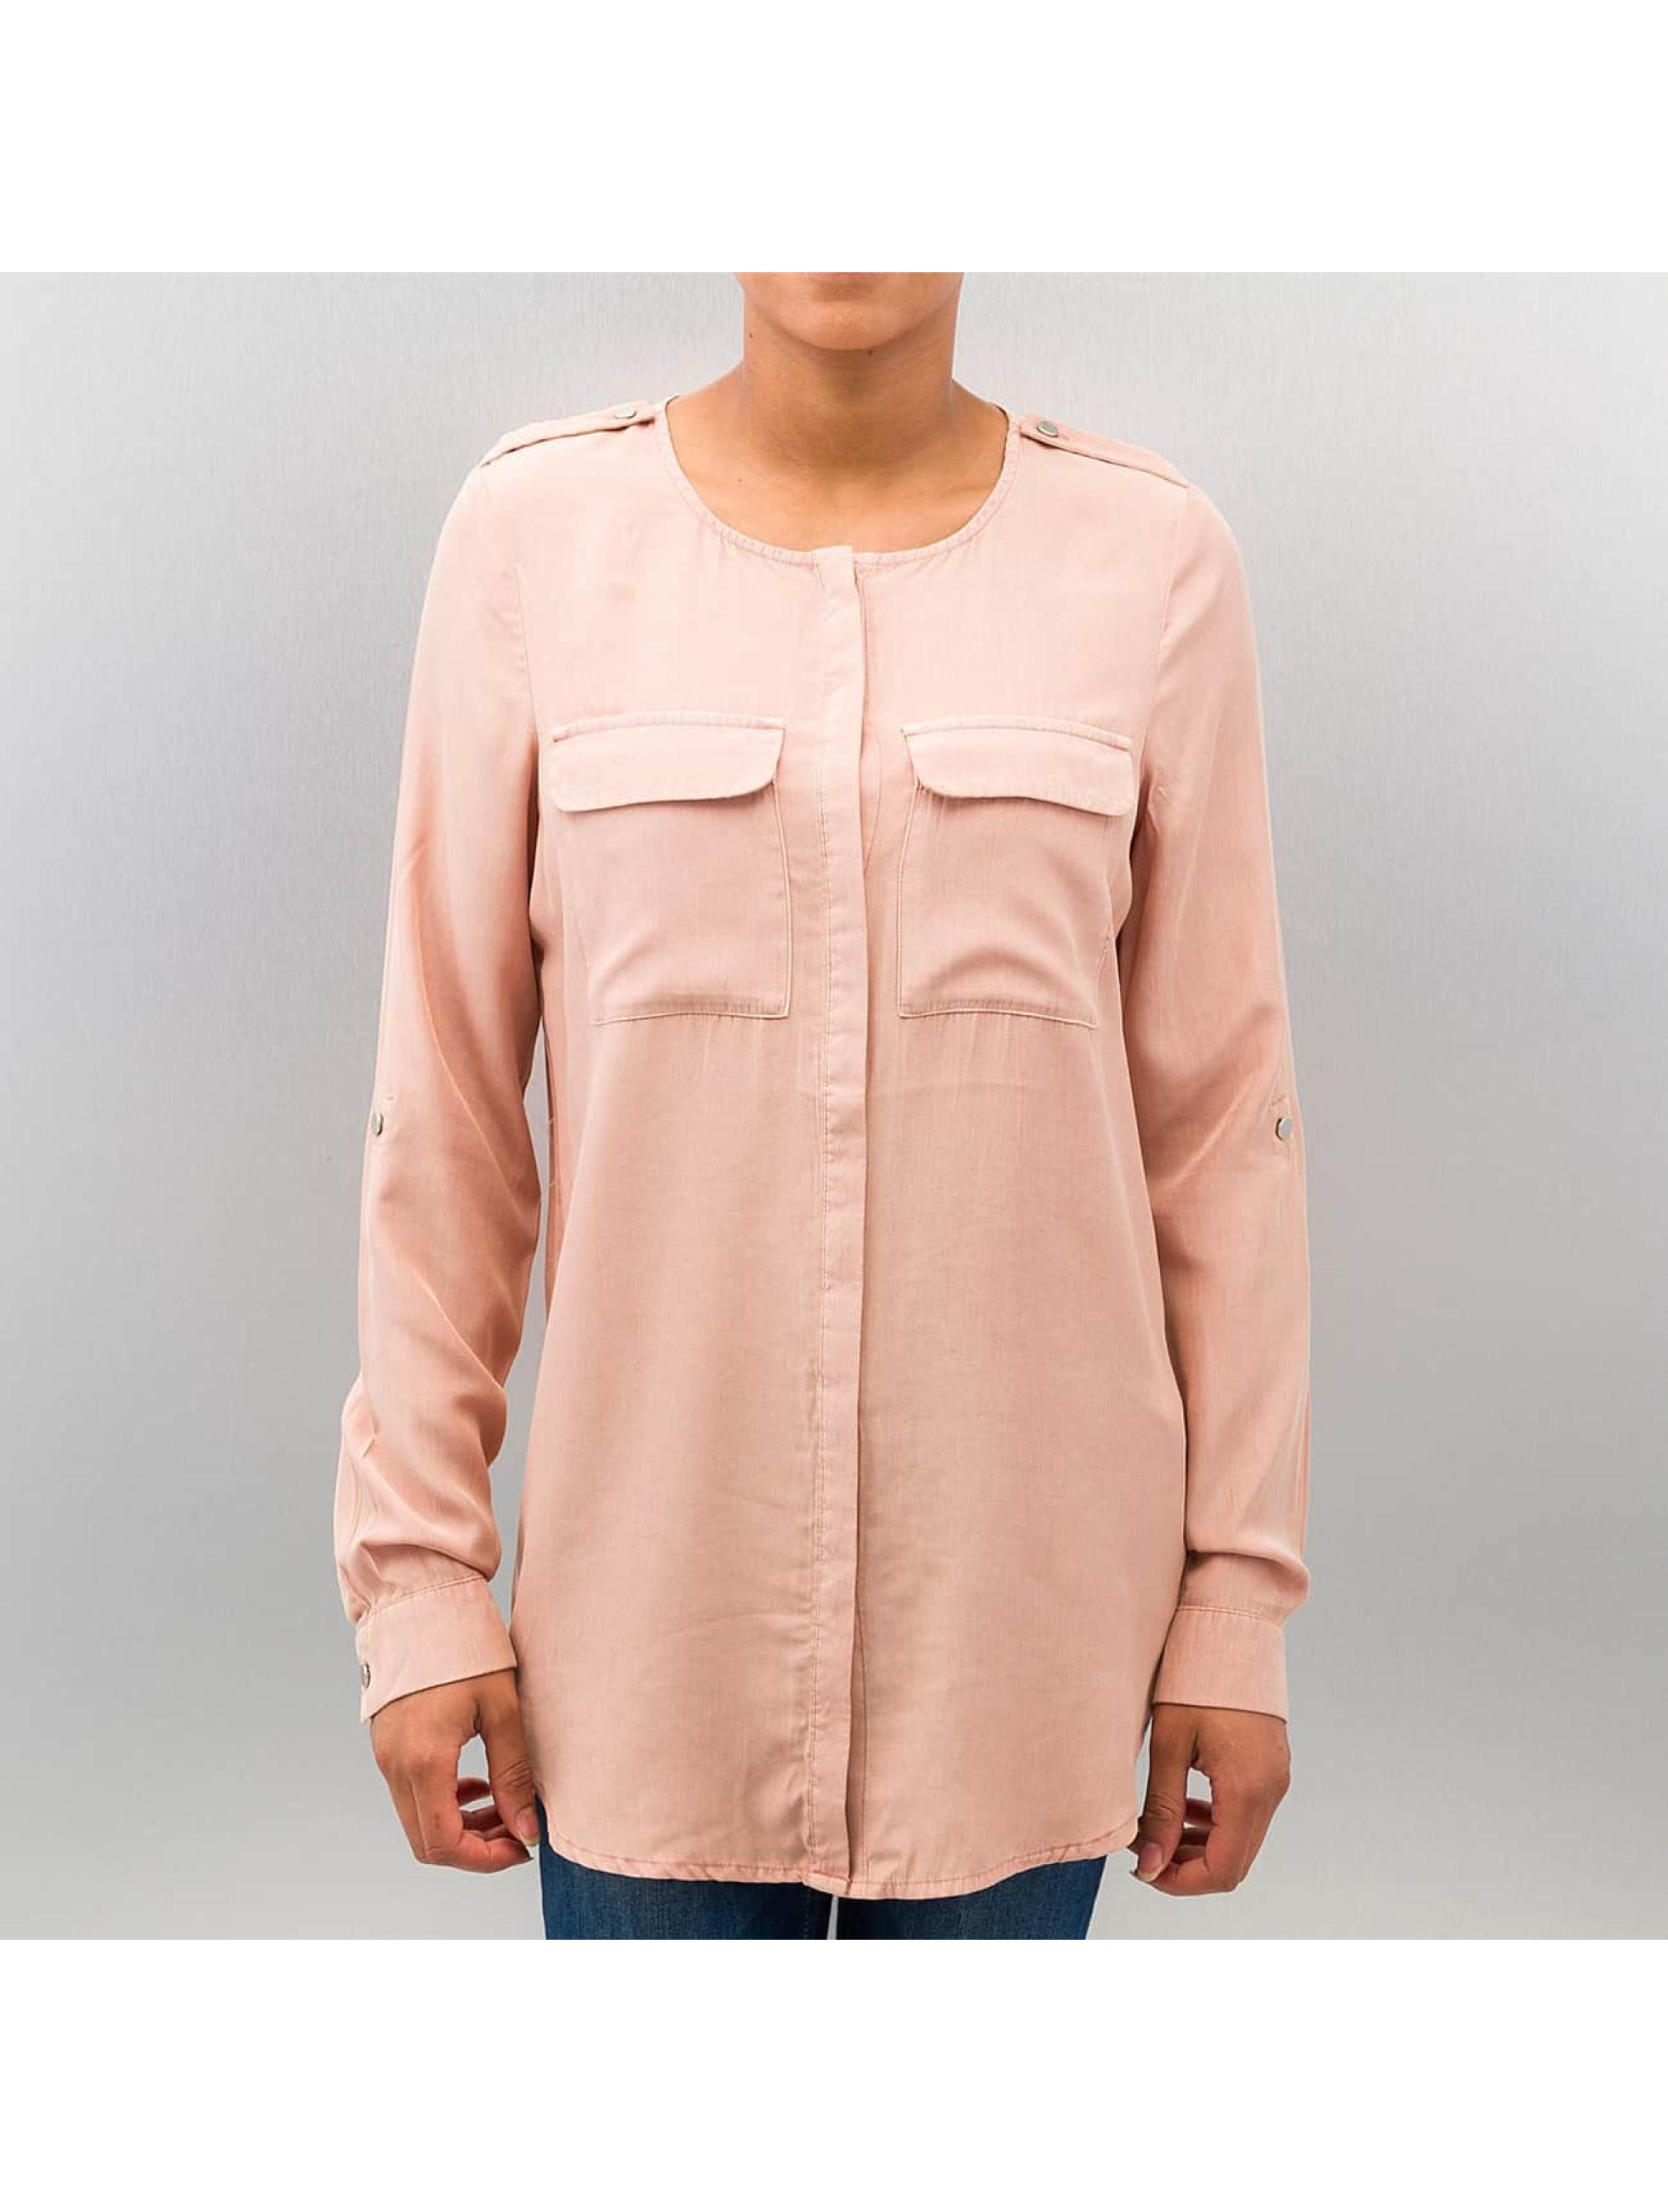 Bluse vmCobra in pink